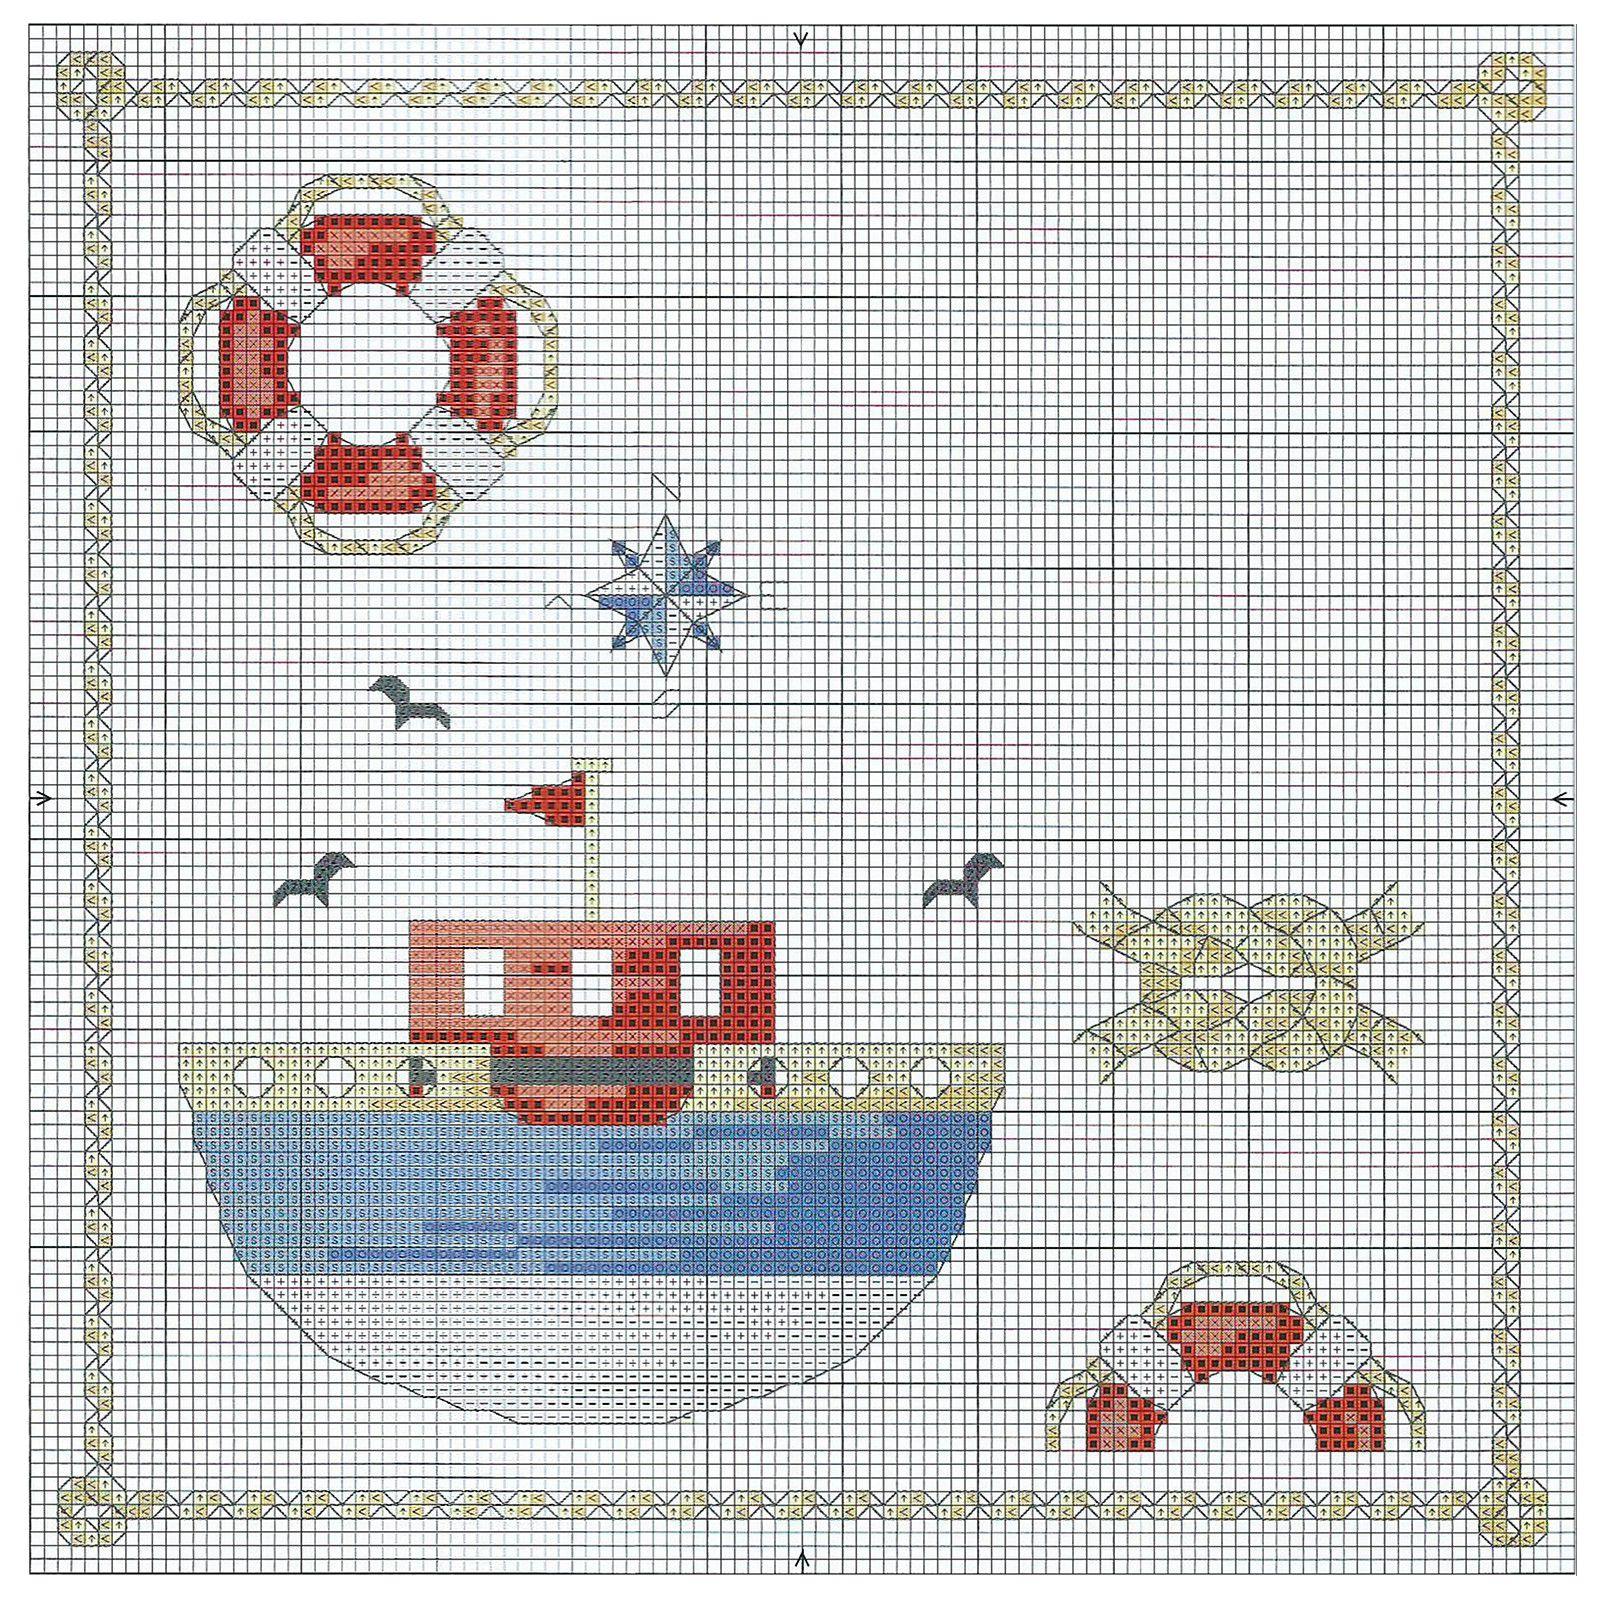 Чайки - Вышивка крестом: бесплатные схемы для вышивания 51